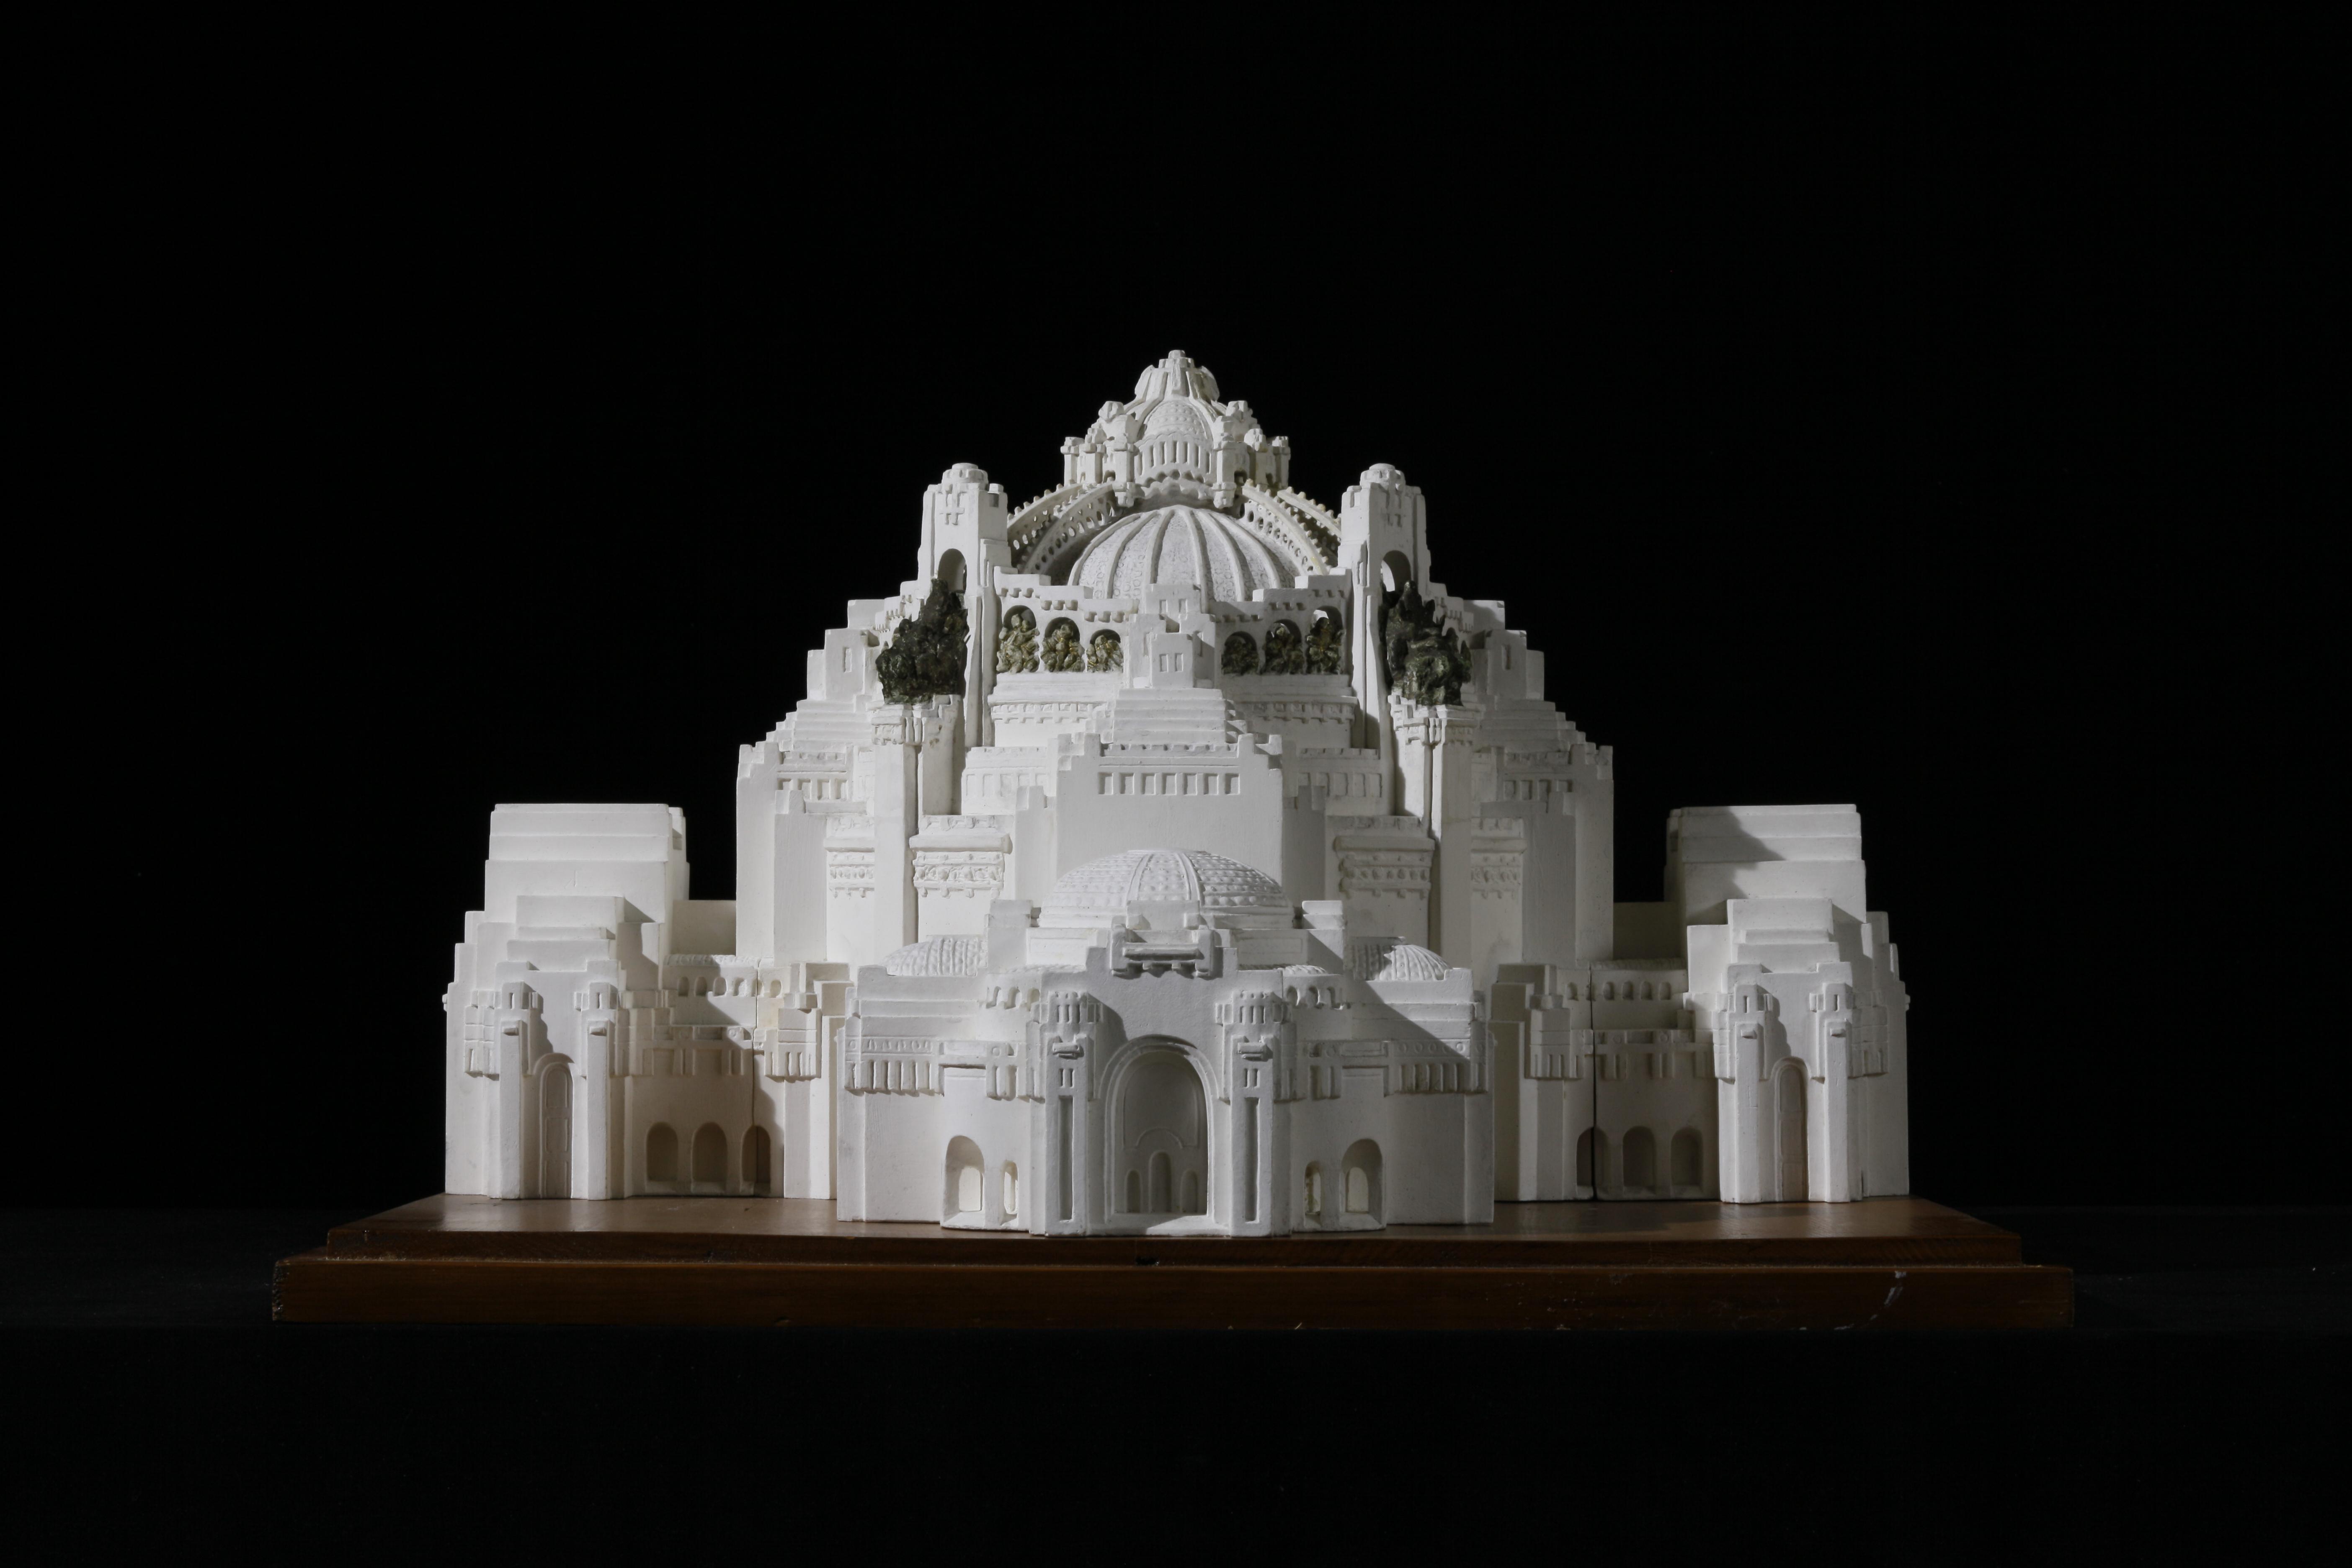 collections de la galerie d 39 architecture moderne et contemporaine cit de l 39 architecture du. Black Bedroom Furniture Sets. Home Design Ideas